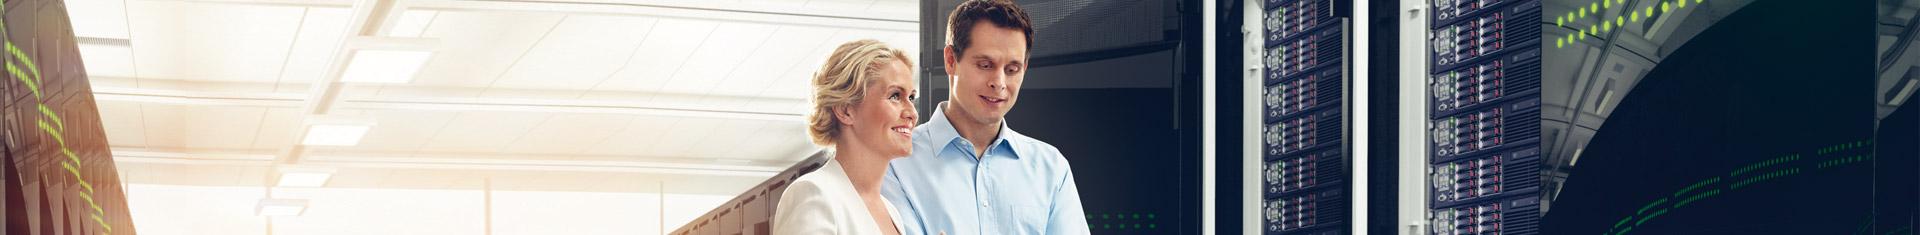 ein junges Paar steht in einem großen Serverraum